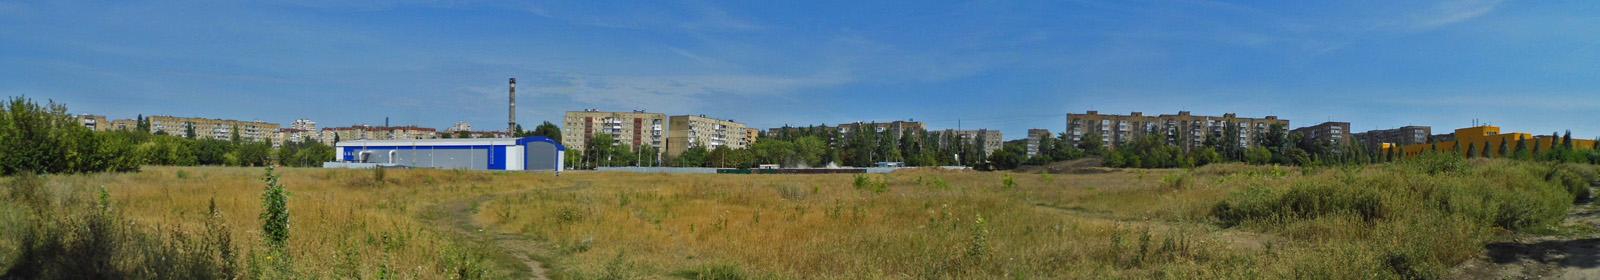 Смотрим панораму улицы Щетинина: строительство автостанции, ледовая арена и супермаркет фото